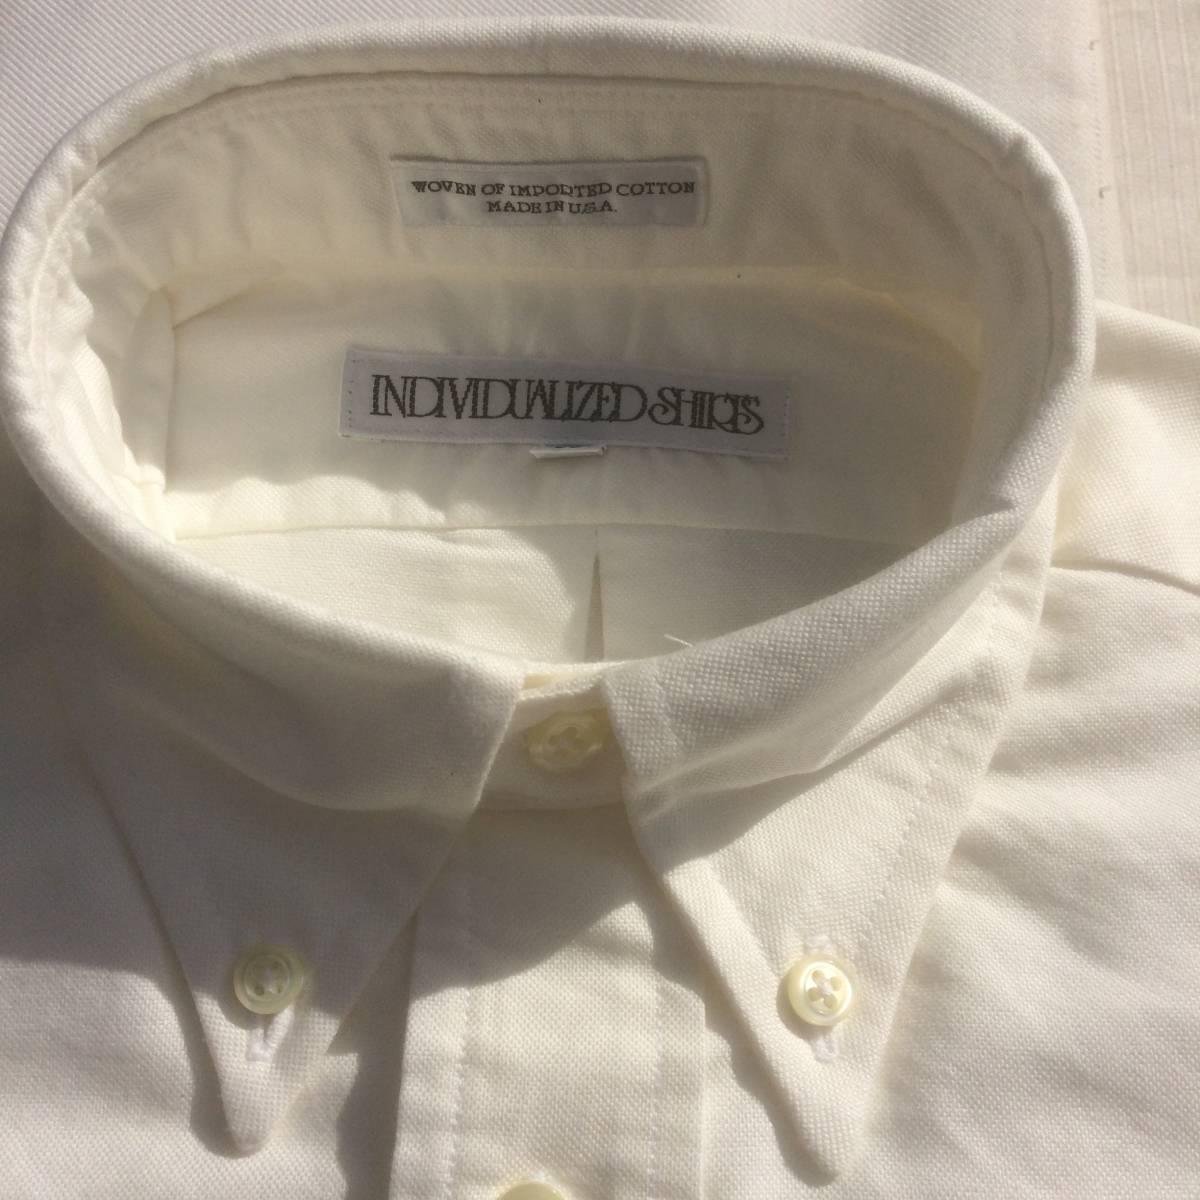 INDIVIDUALIZED SHIRTS インディビジュアライズドシャツ ダンリバー オックスフォード BD 白 ホワイト 長袖 シャツ xxs 13.5 usa製_画像4